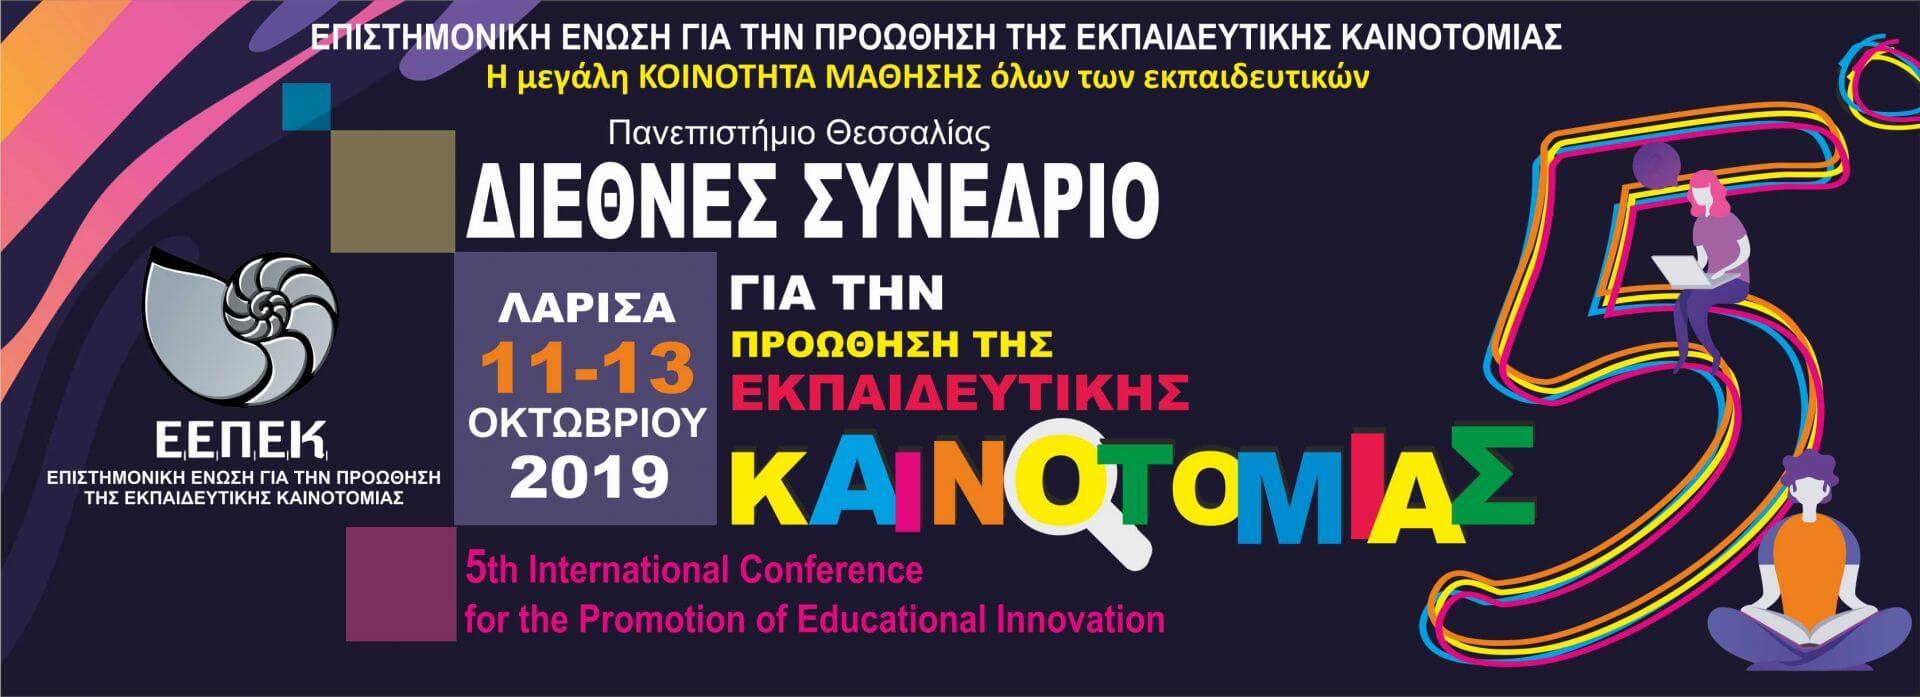 Διεθνές Συνέδριο για την προώθηση της εκπαιδευτικής καινοτομίας